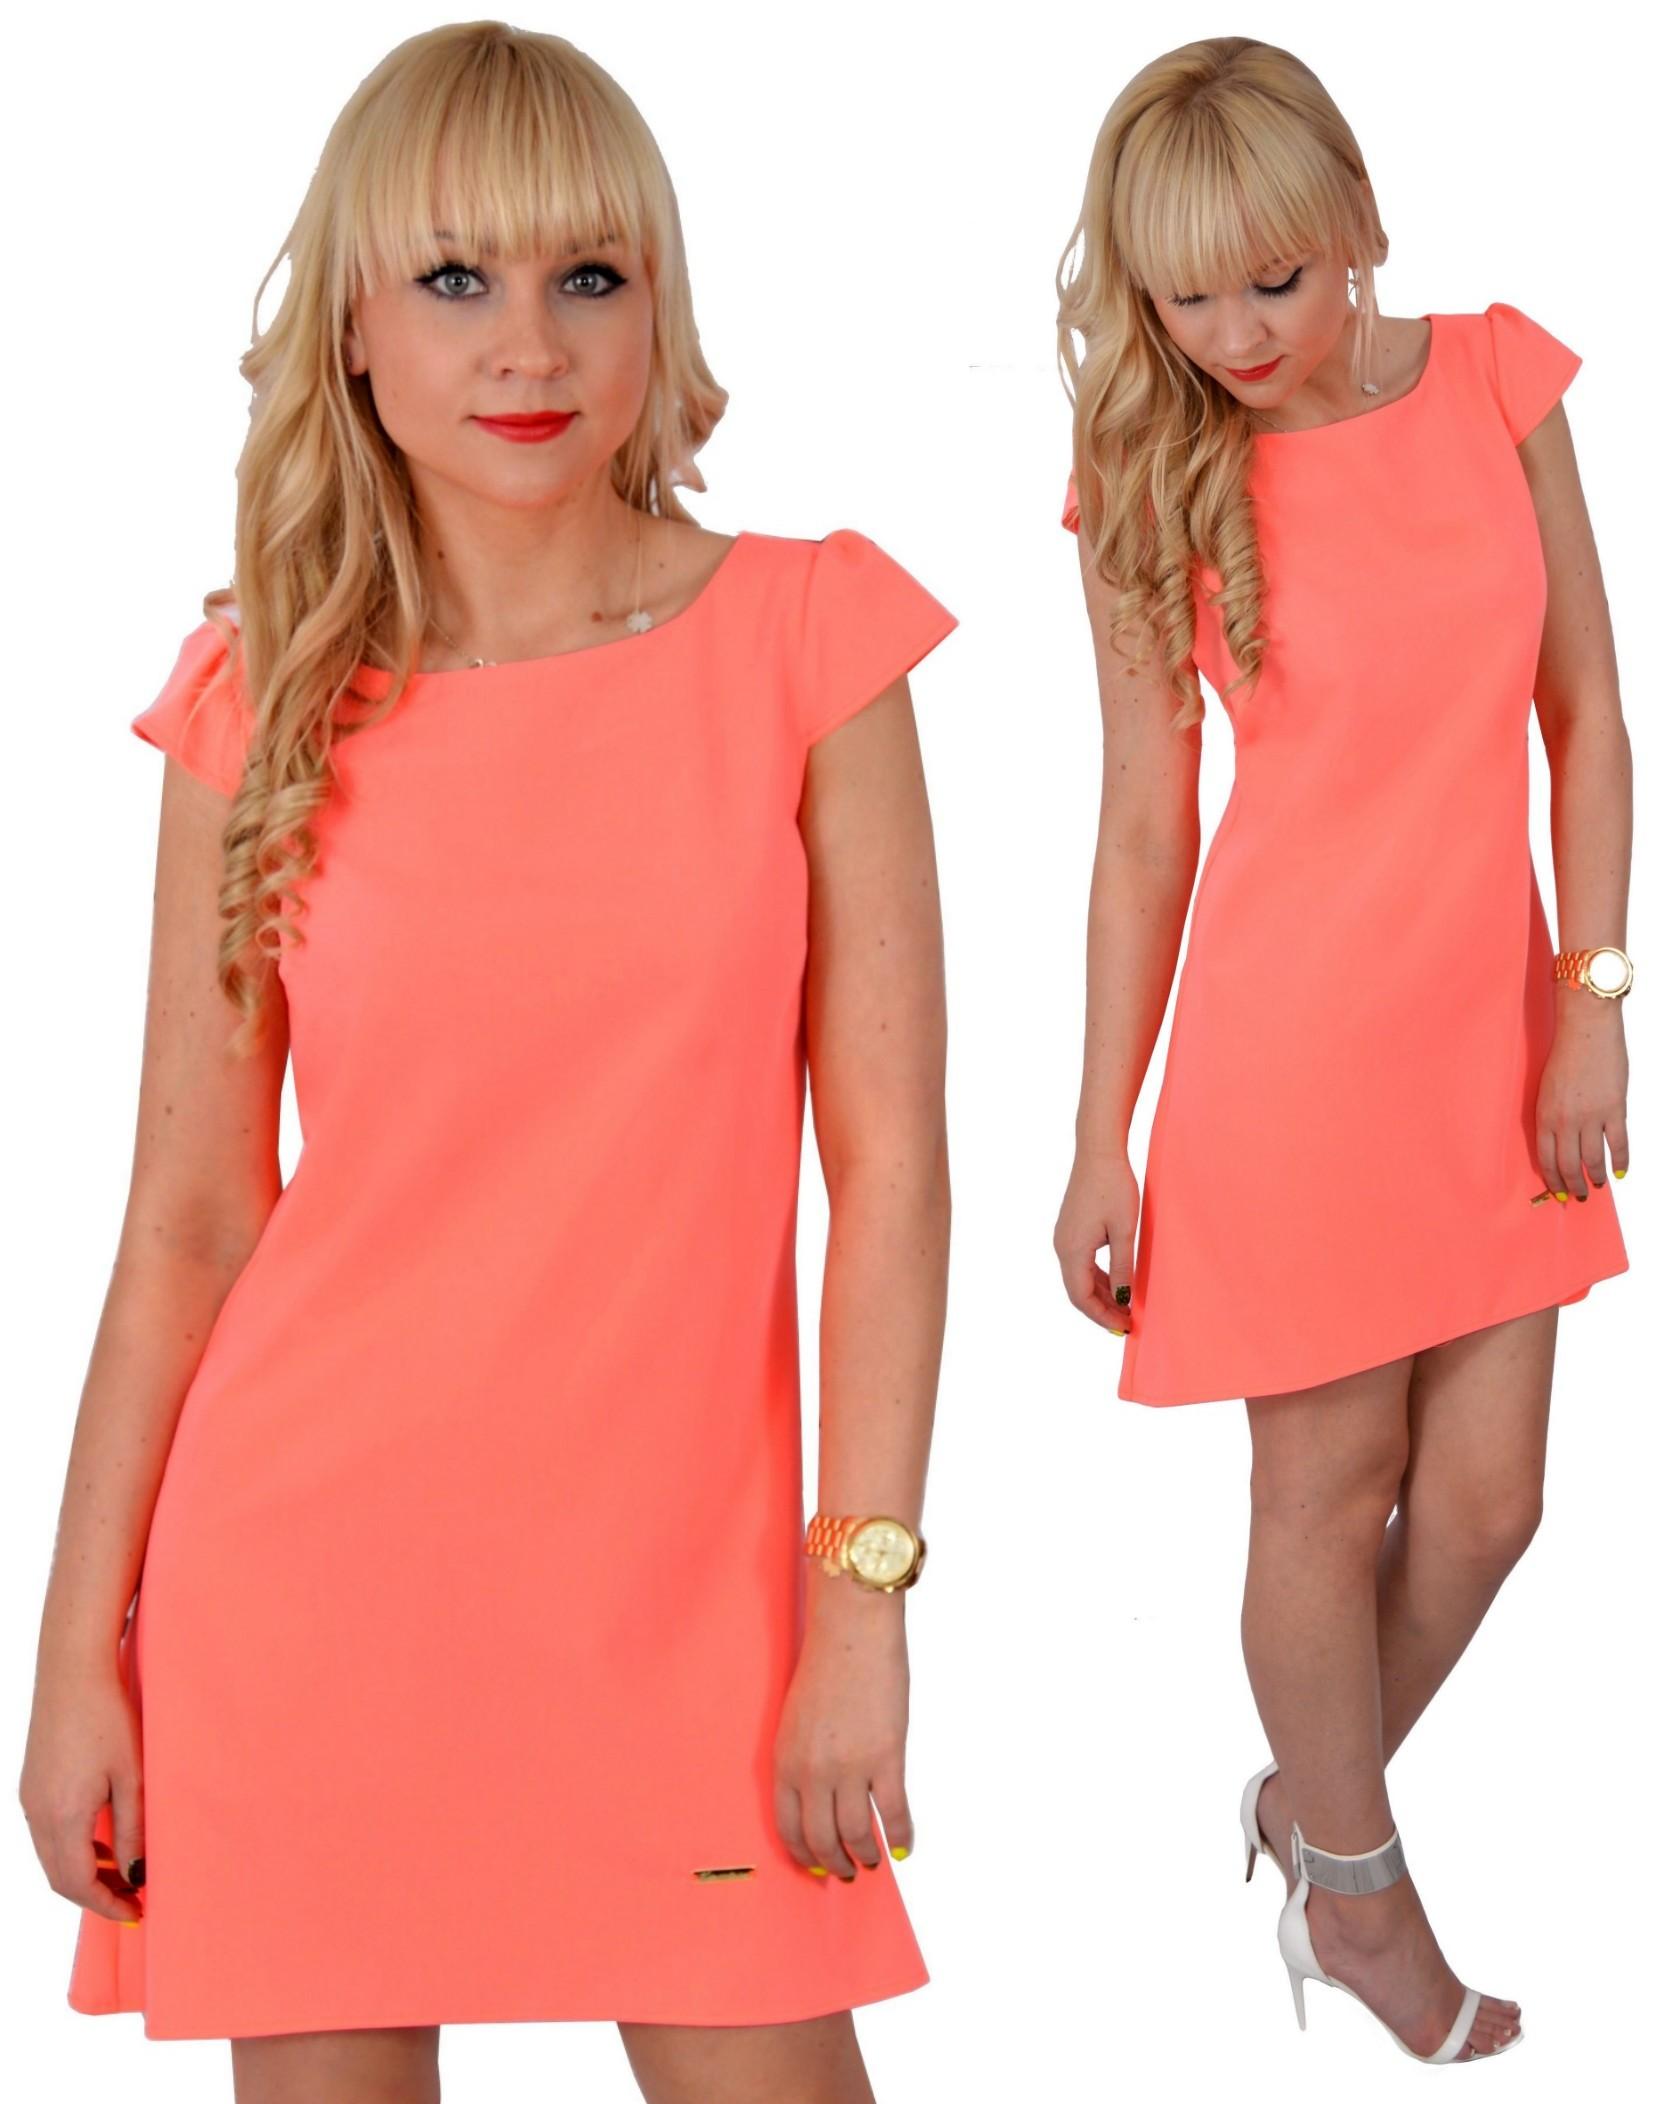 d6c160377b Sukienka Trapezowa  Asymetryczna  Pomarańcz 44 XXL - 7226242753 - oficjalne  archiwum allegro